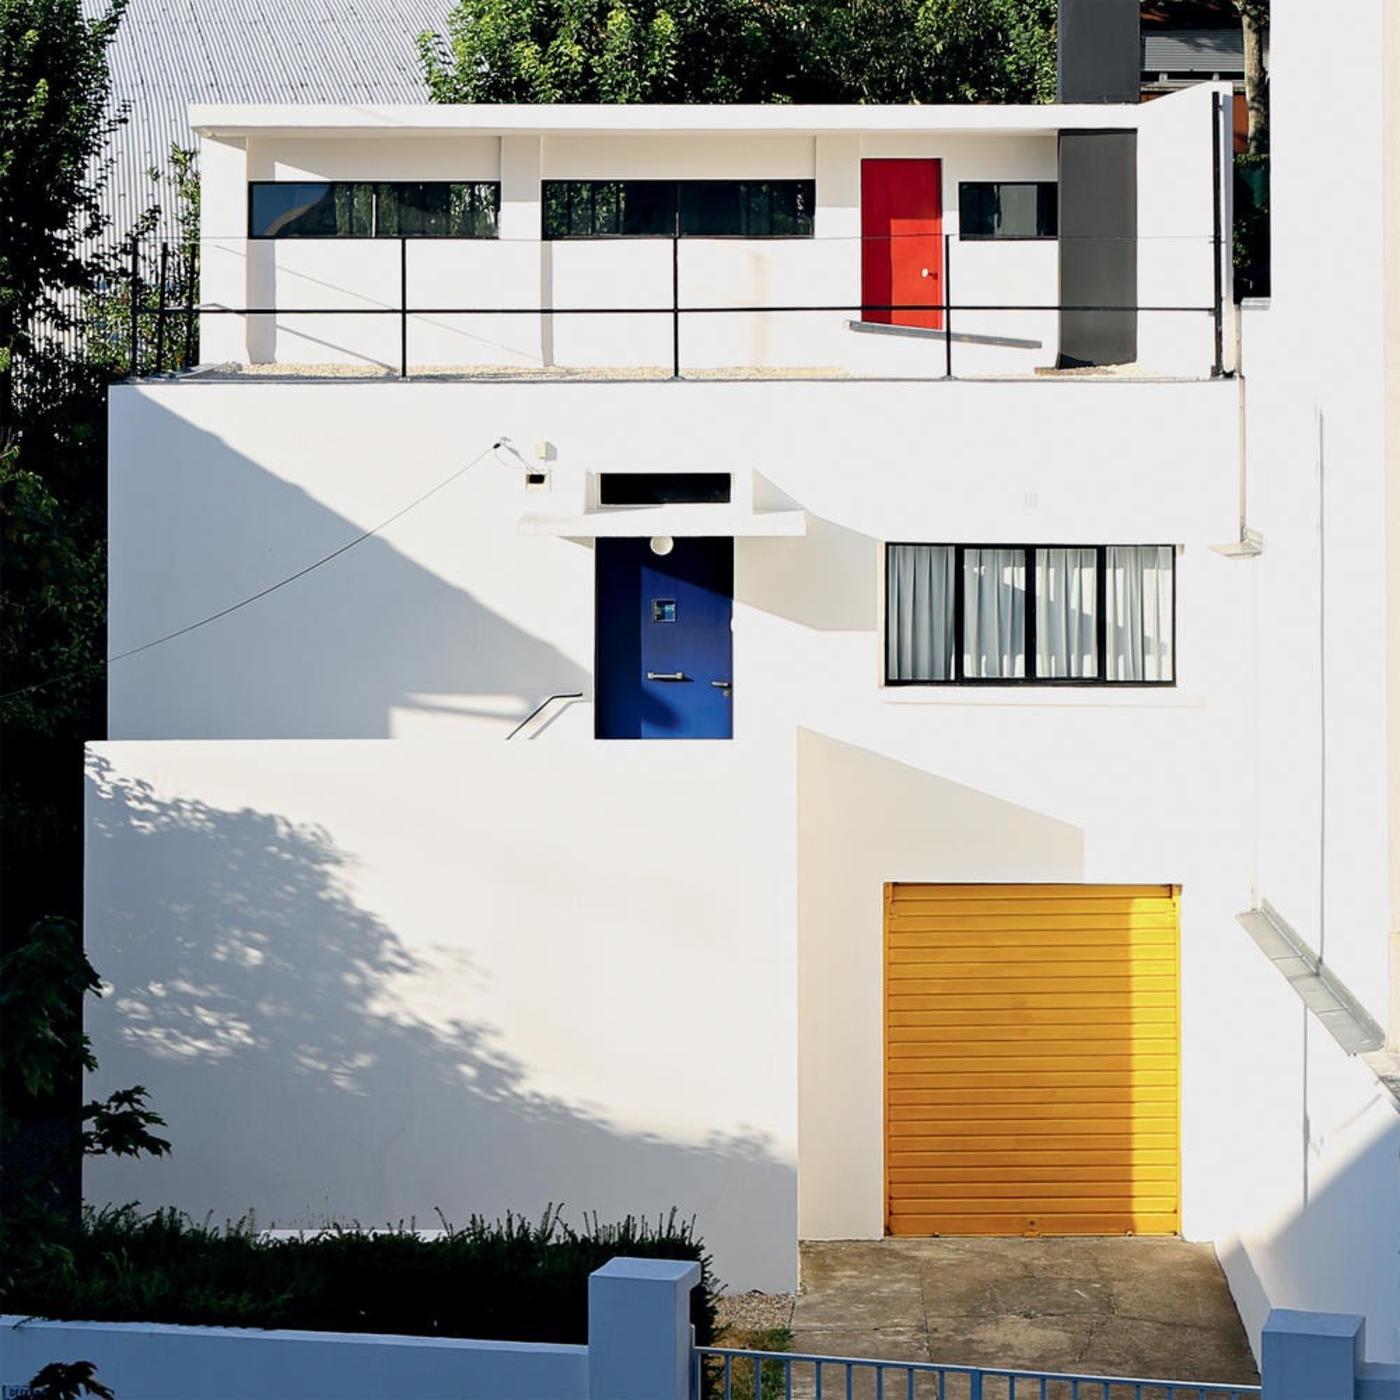 #P1 - La Maison-atelier de Théo Van Doesburg